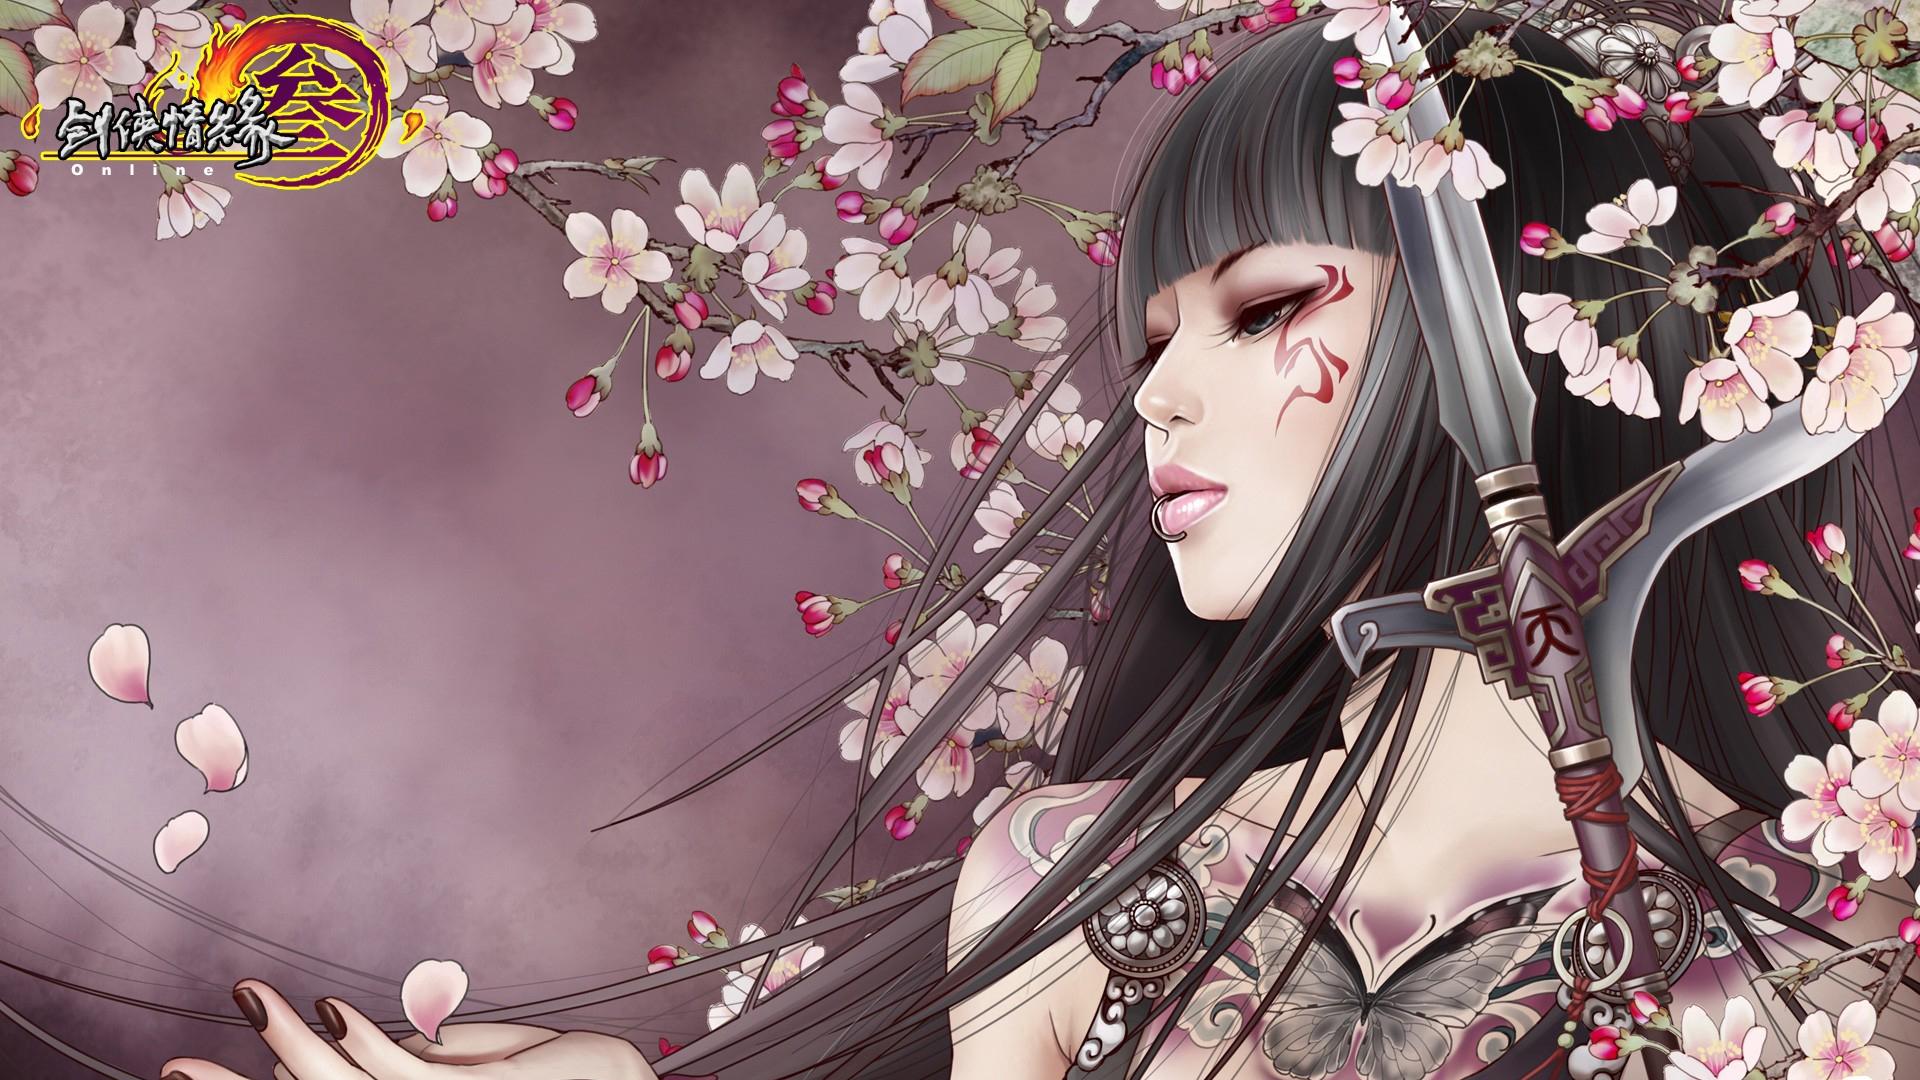 Tattoo Hd Wallpaper Japanese Tattoo Wallpaper Hd Girl